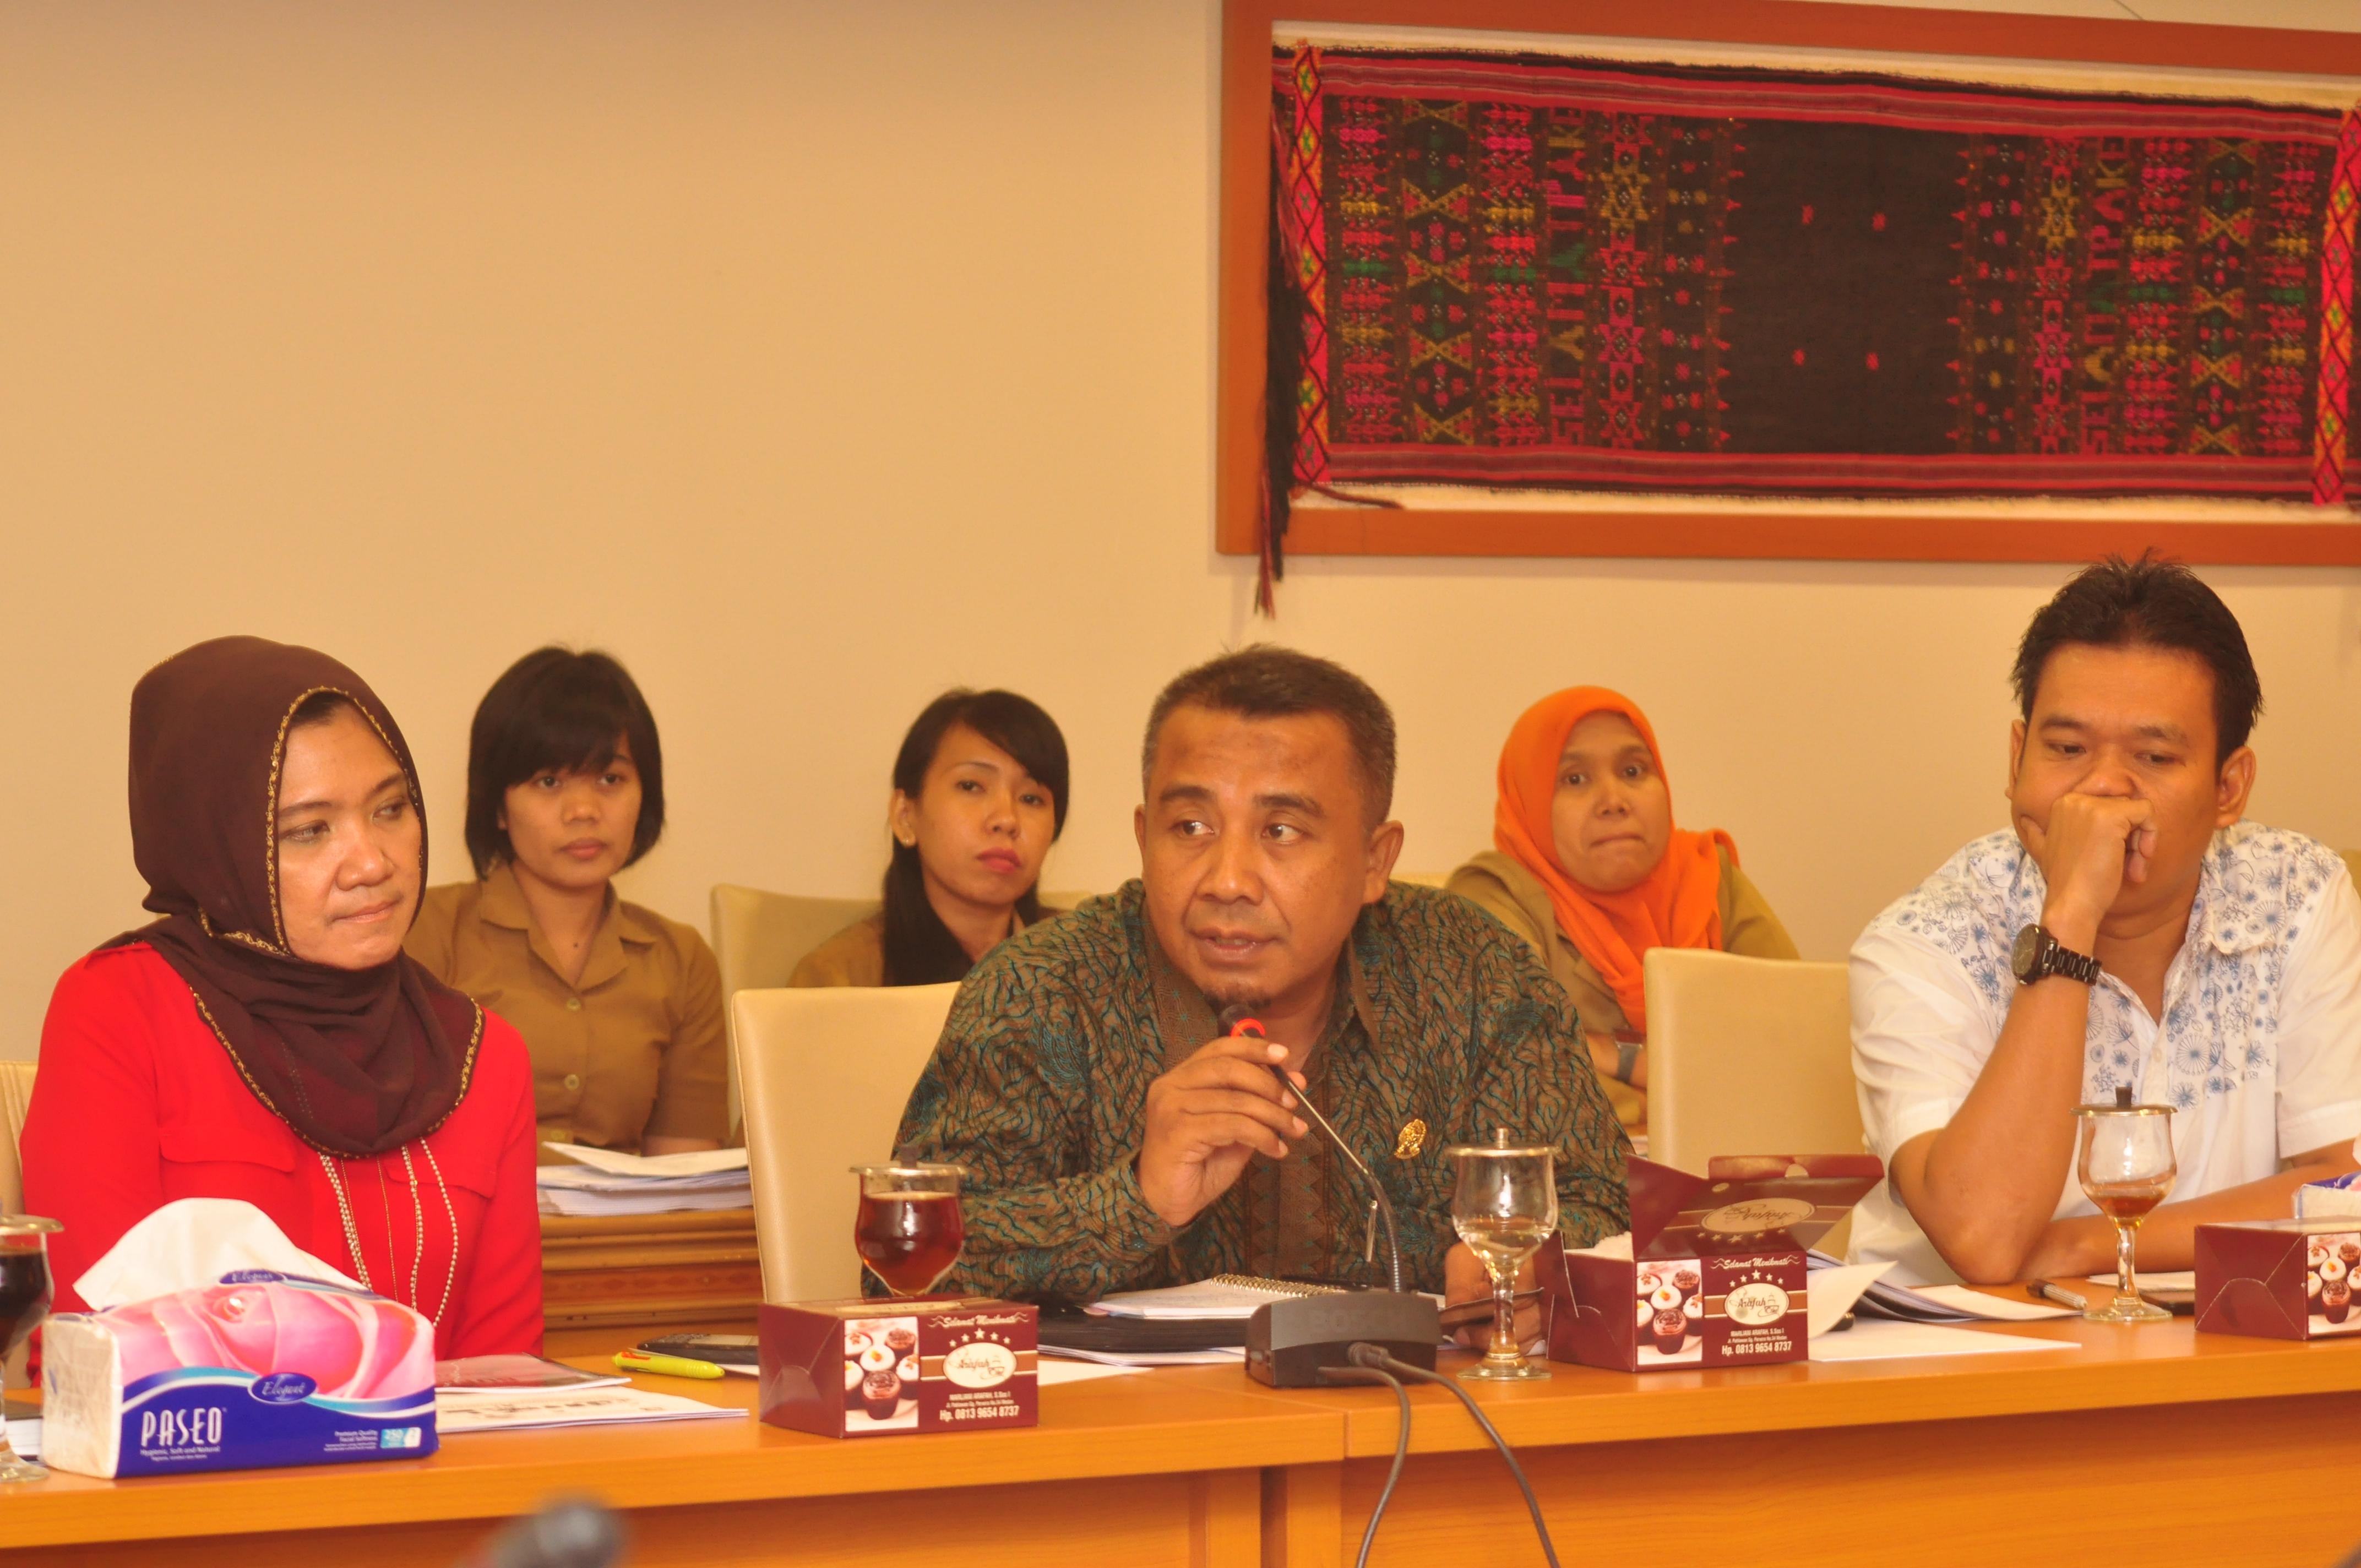 DPRD Sumut Minta Sengketa Tapal Batas Segera Diselesaikan